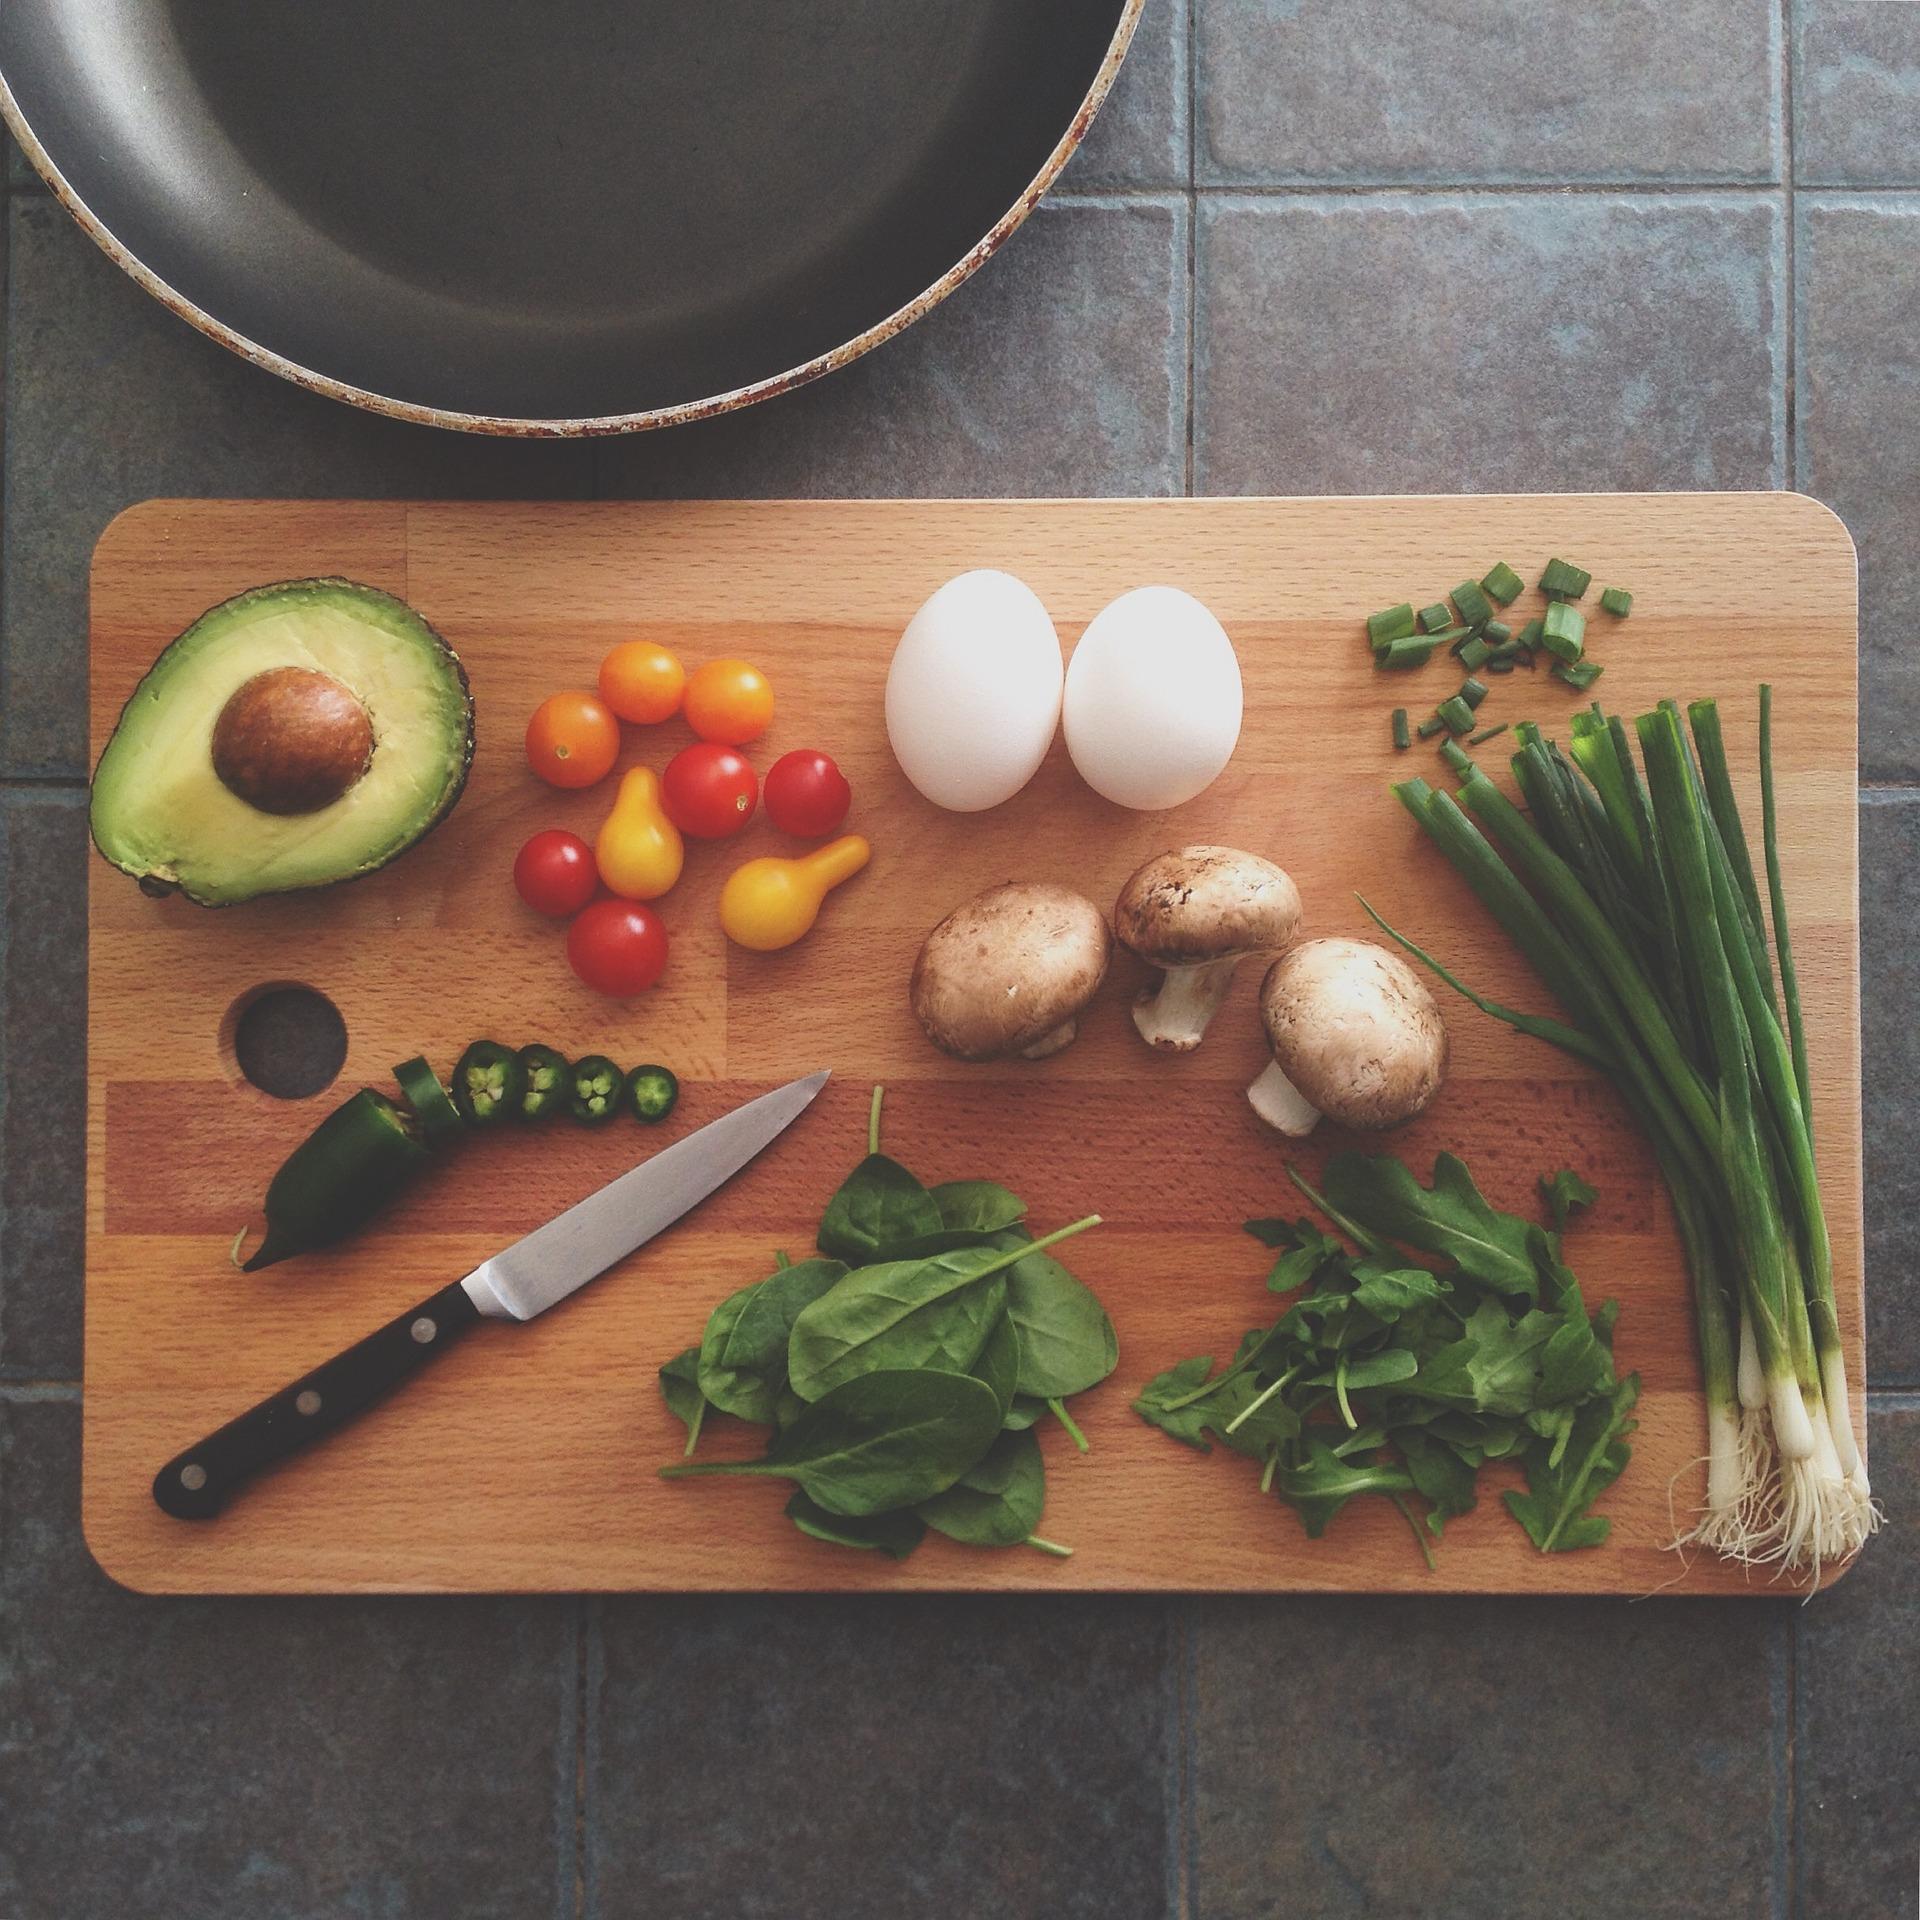 【無農薬でも有機でも危険な野菜!】食べれば食べるほど毒性に露出してしまう野菜